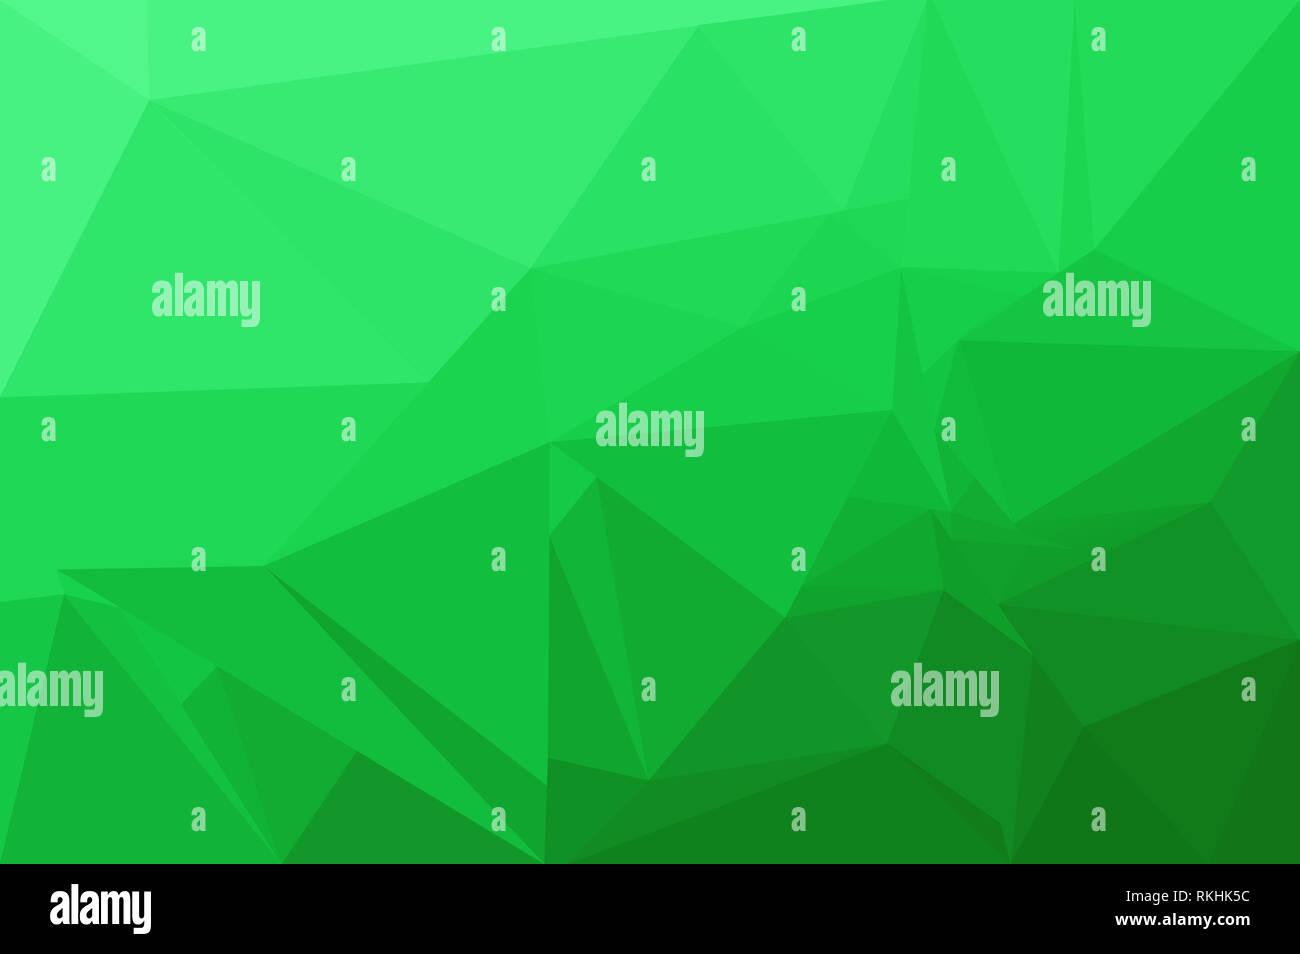 Neon Astratta Sfondo Verde Costituito Da Triangoli Foto Immagine